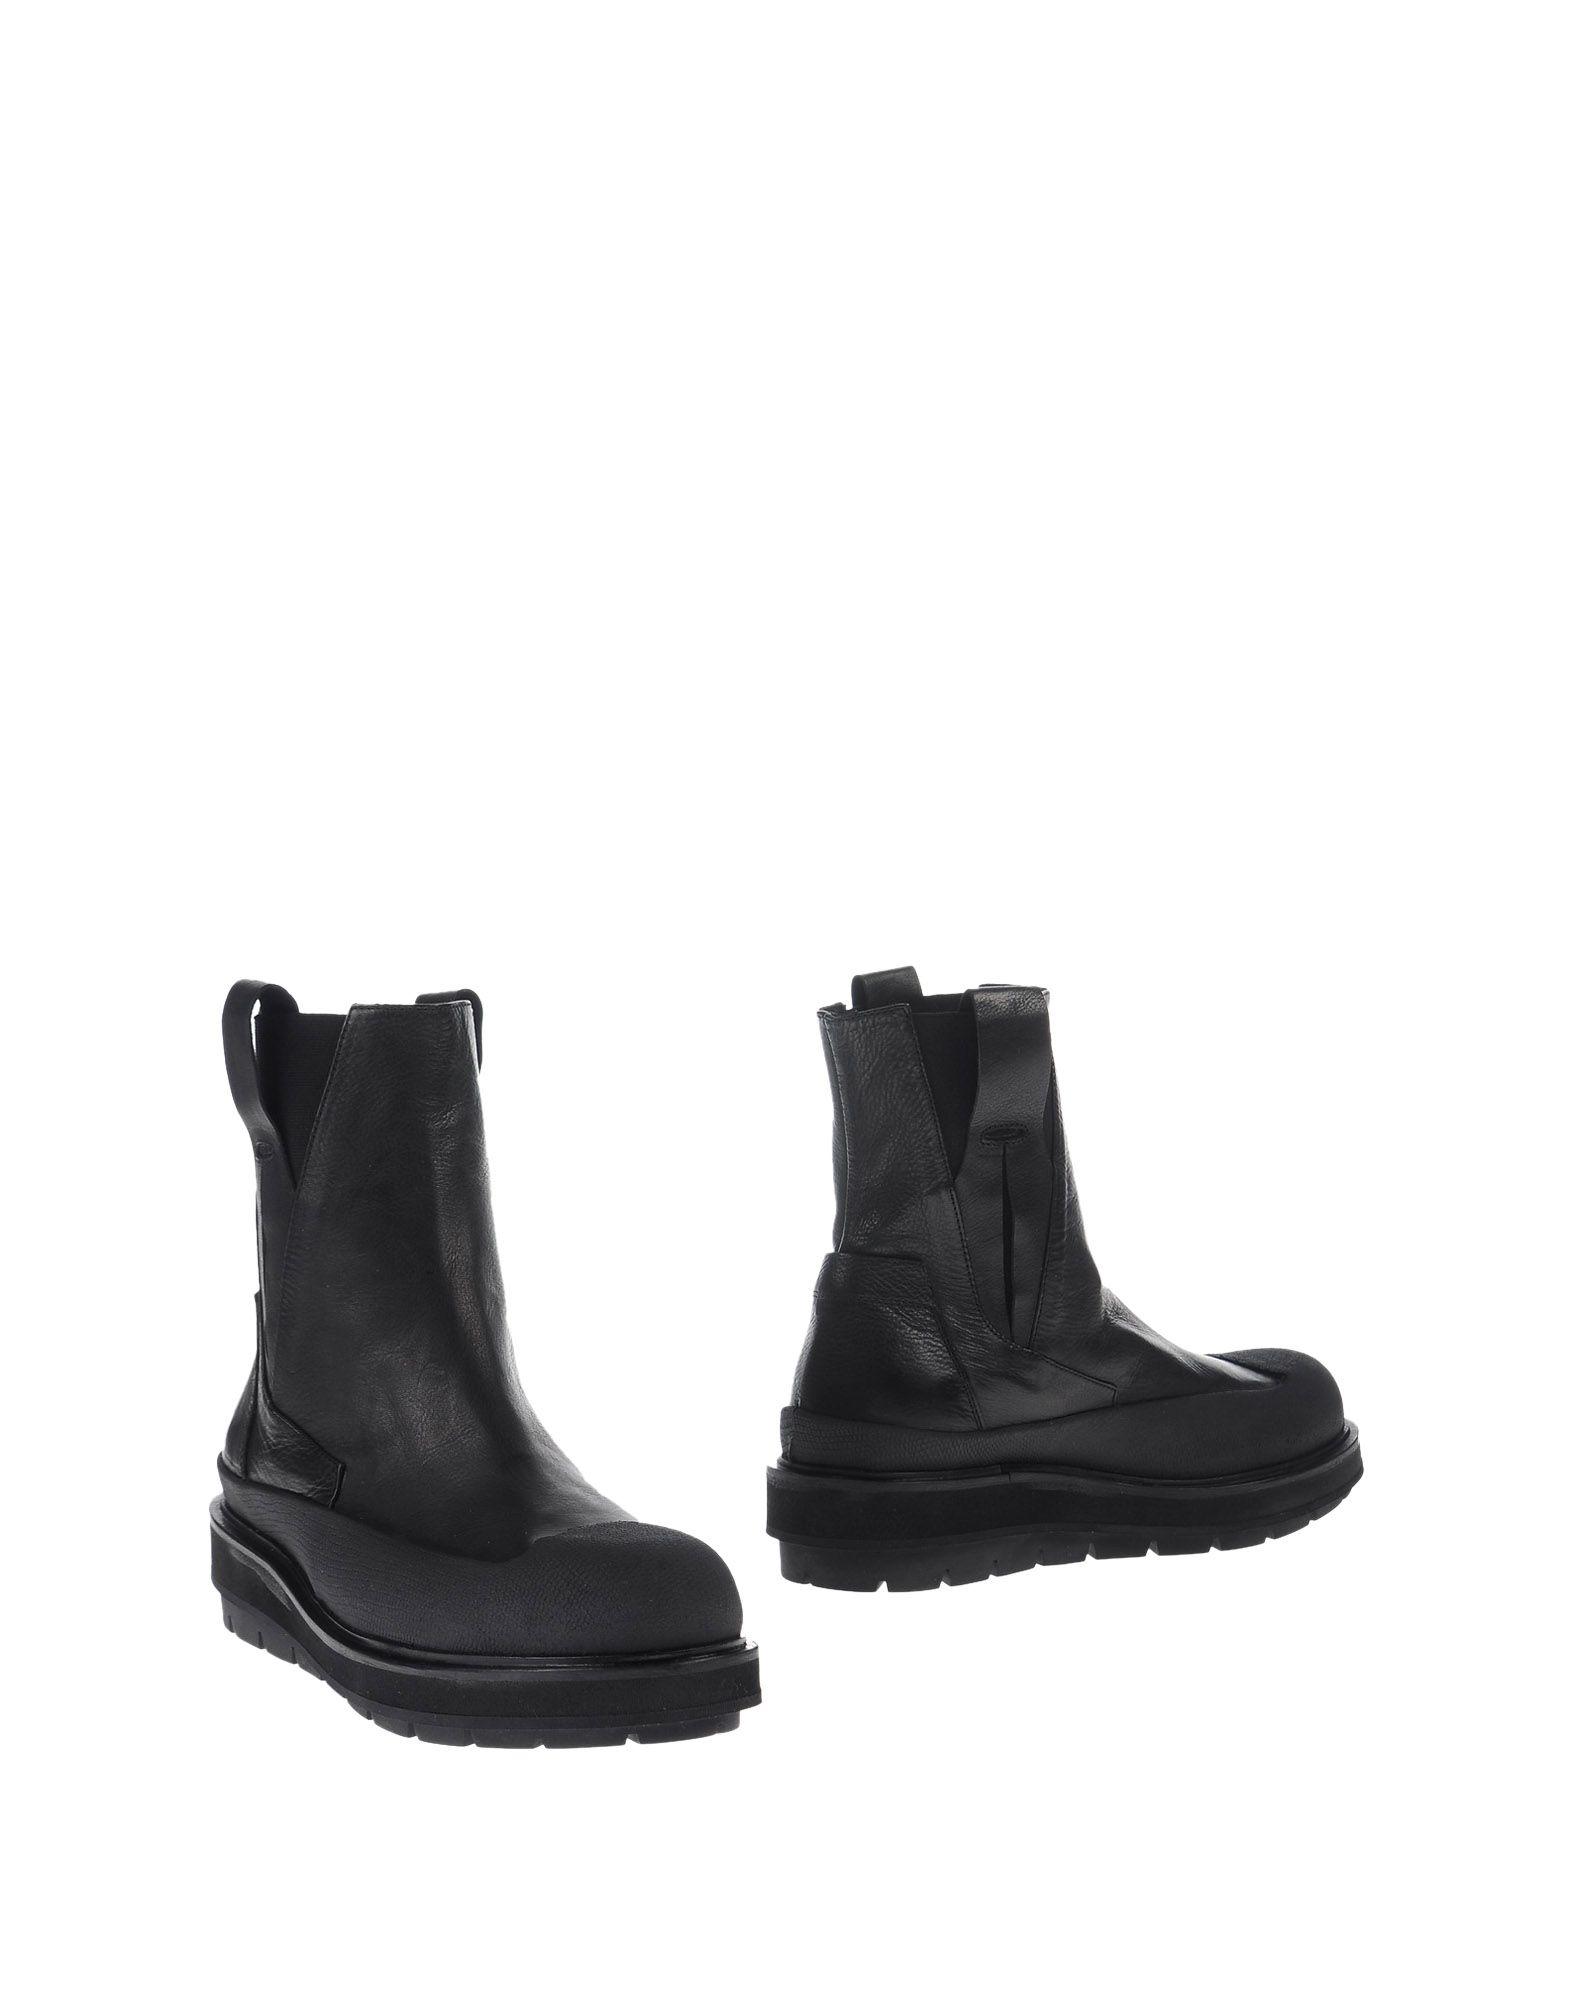 Cinzia Araia Schuhe Stiefelette Herren  11086095JW Neue Schuhe Araia a72726